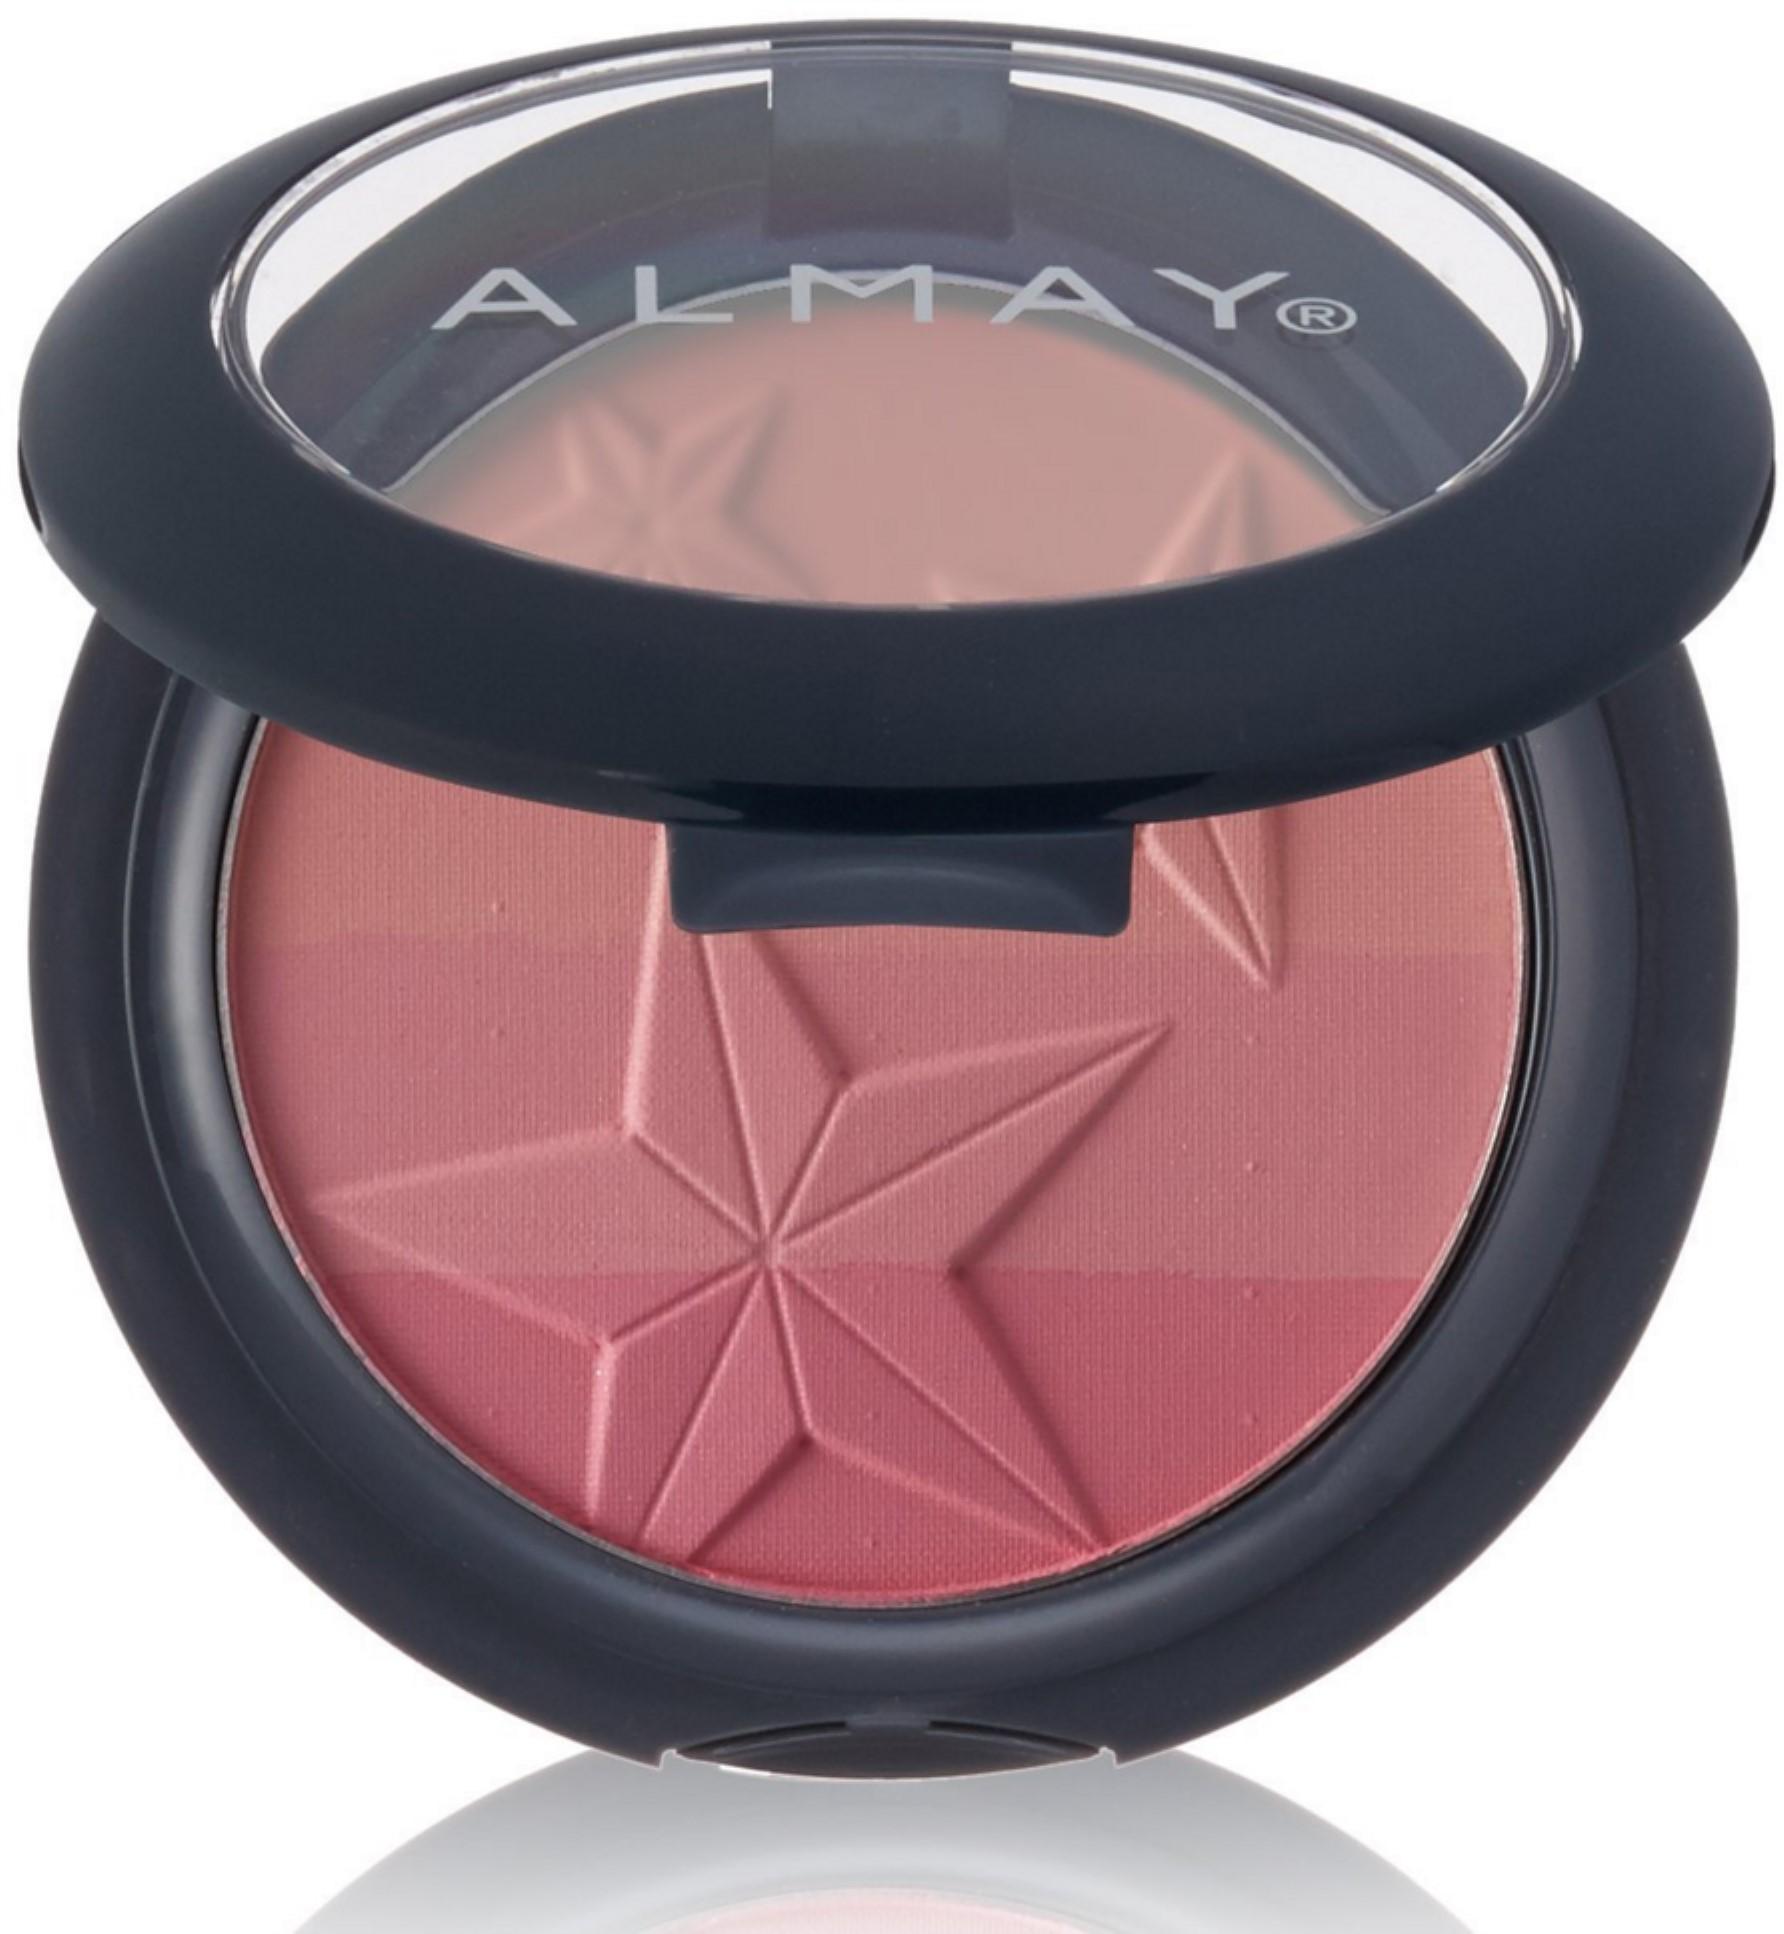 2 Pack - Almay Smart Shade Powder Blush, Pink 1 ea